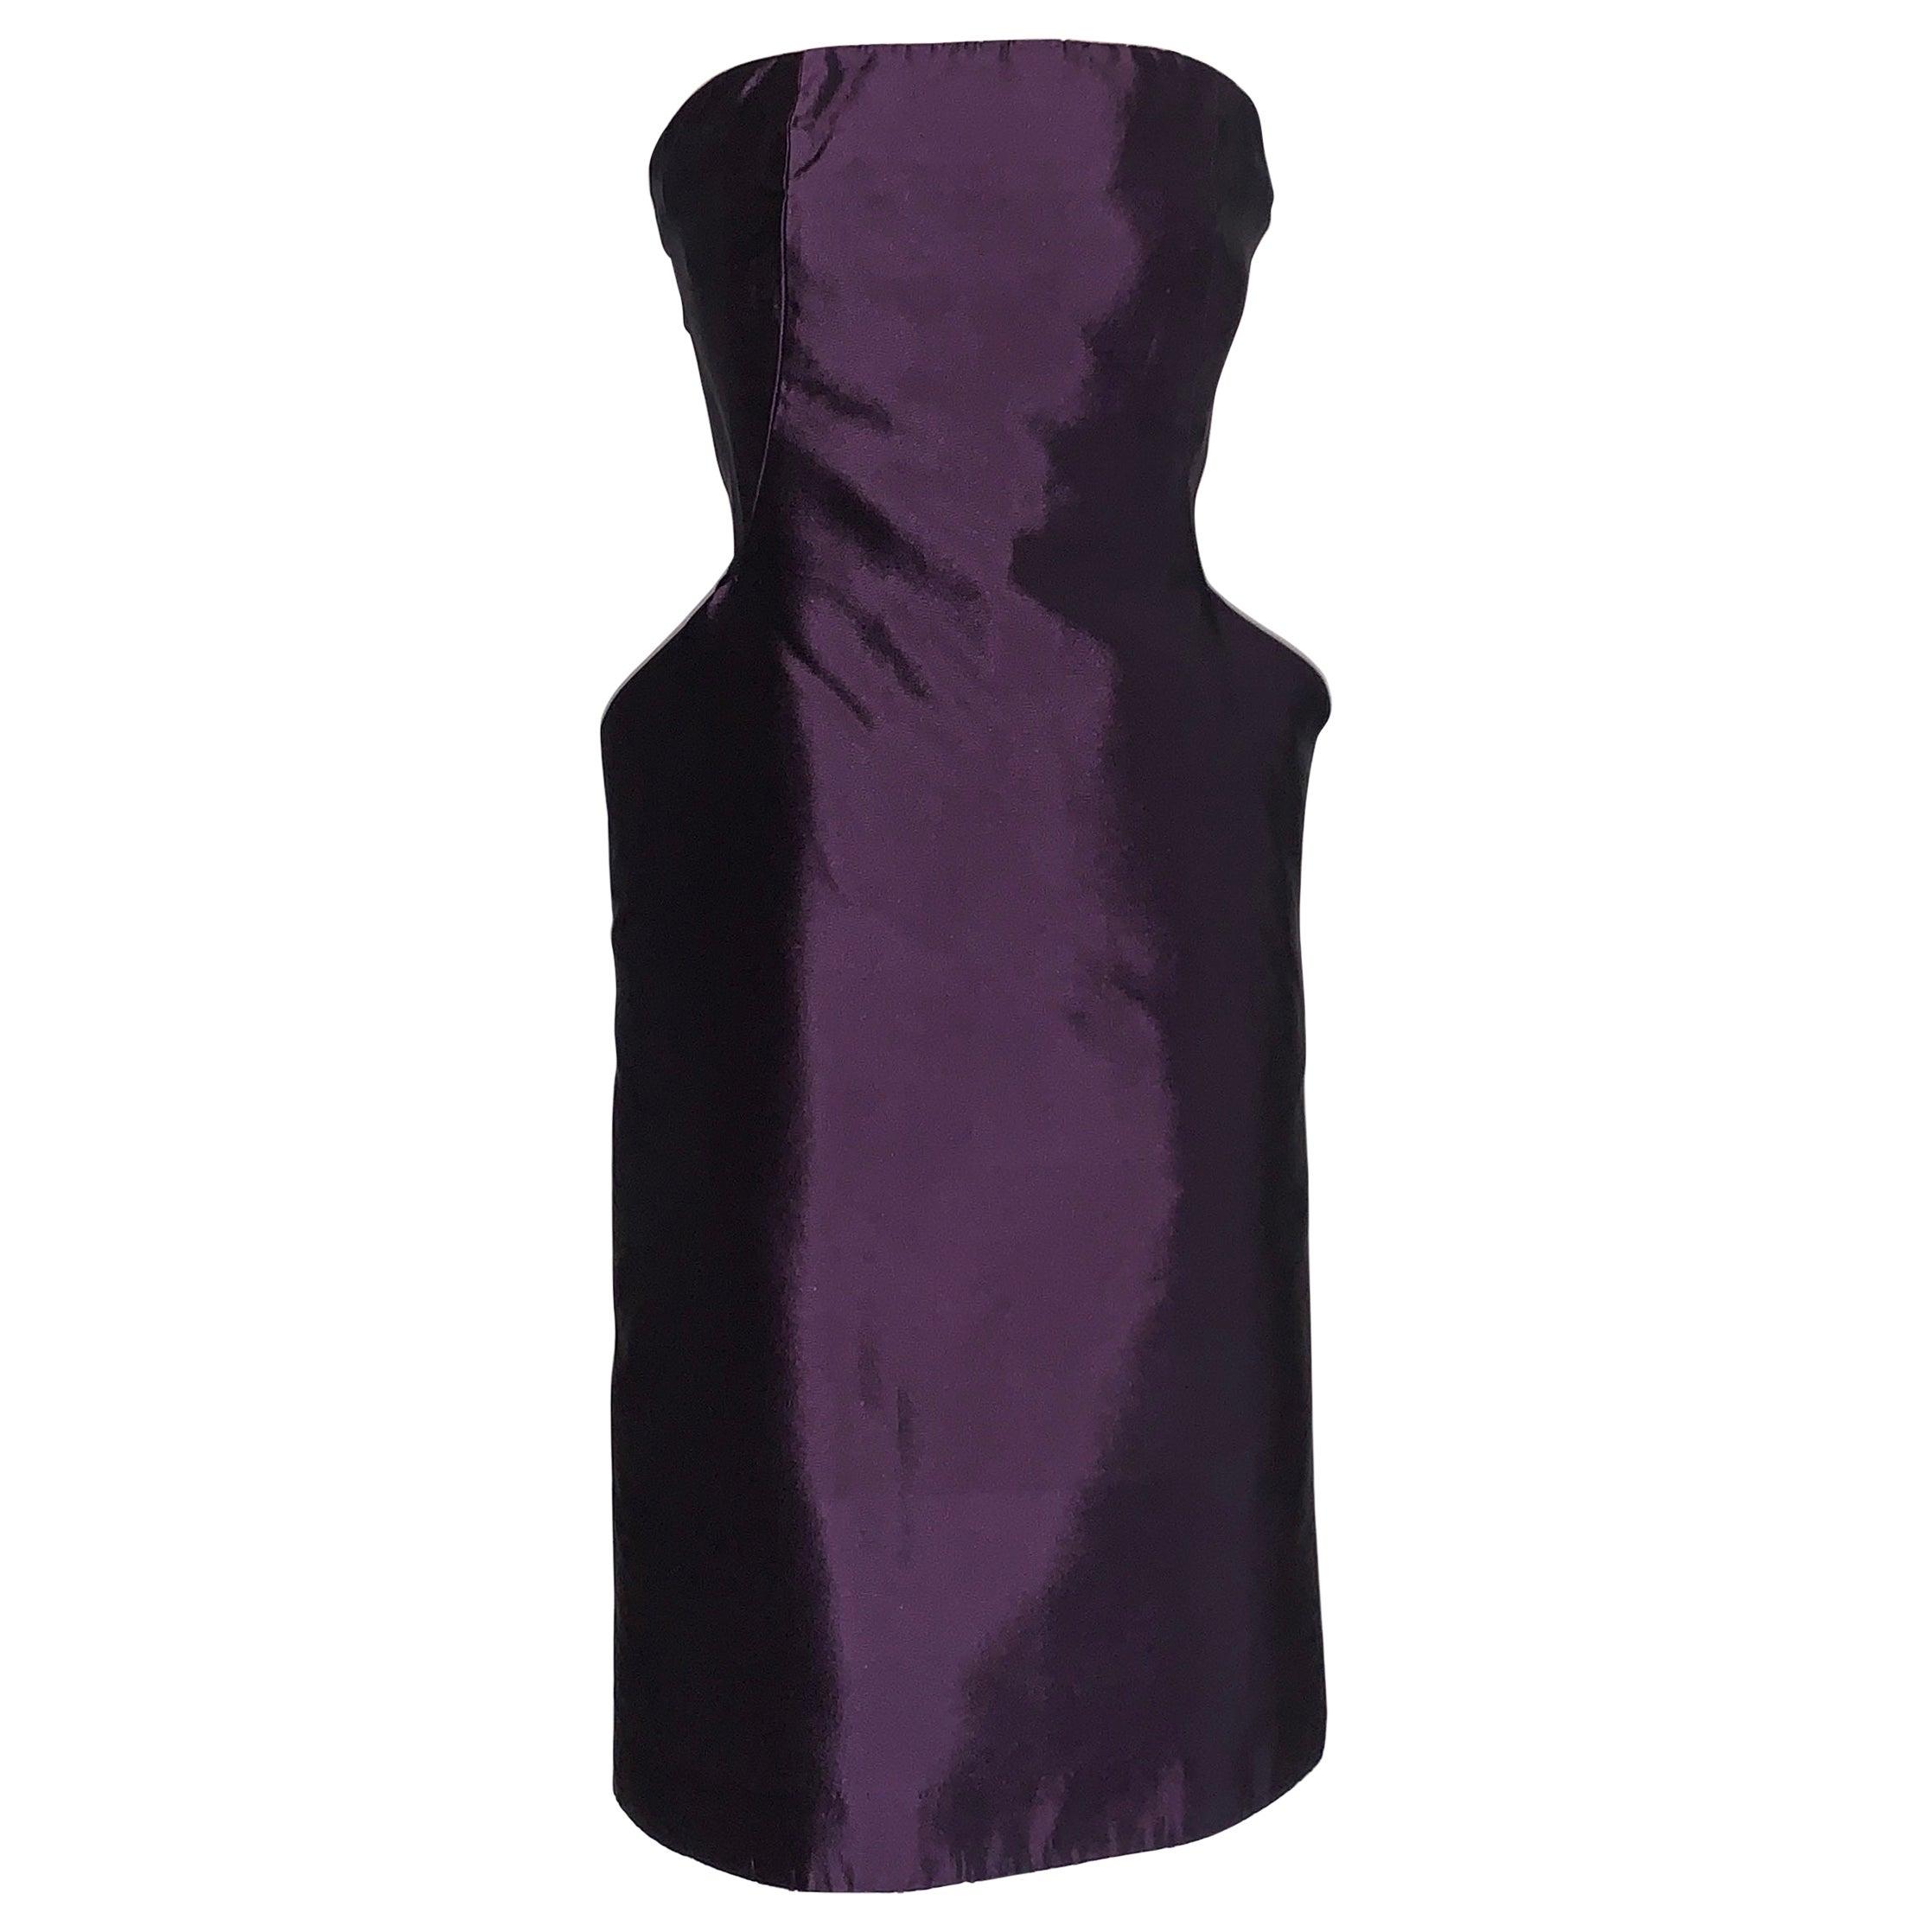 Alexander McQueen 2007 Purple Silk Sculptural Hip Pocket Detail Strapless Dress